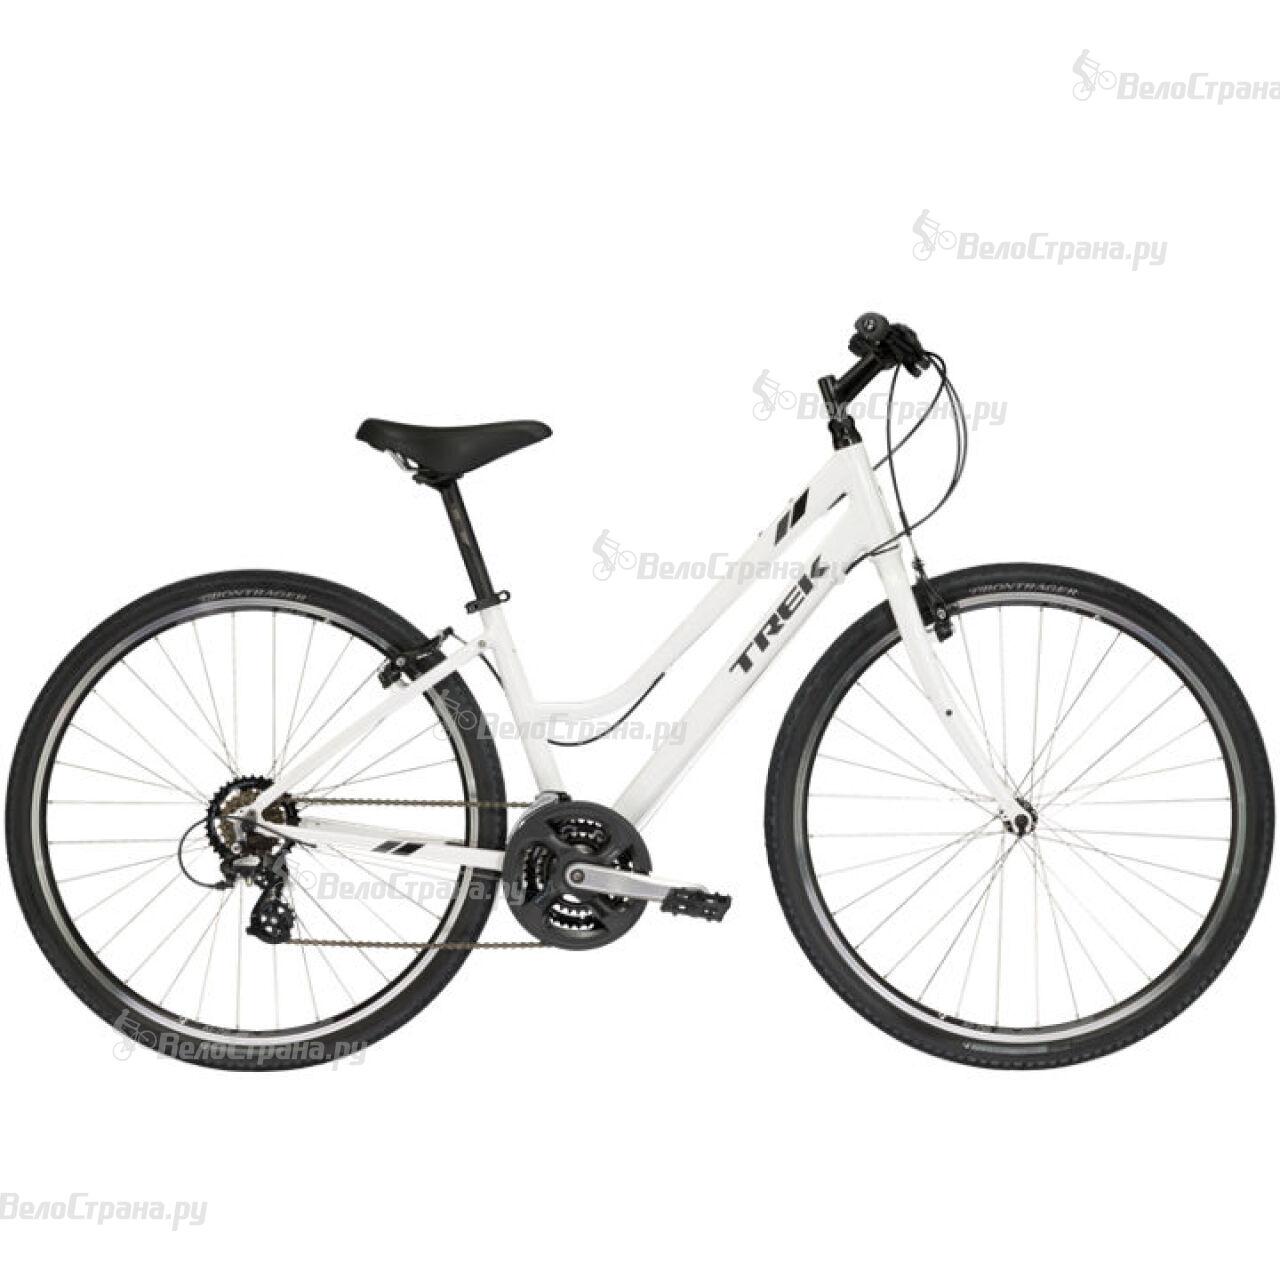 Велосипед Trek Verve 1 WSD (2017) велосипед trek verve 3 wsd 2017